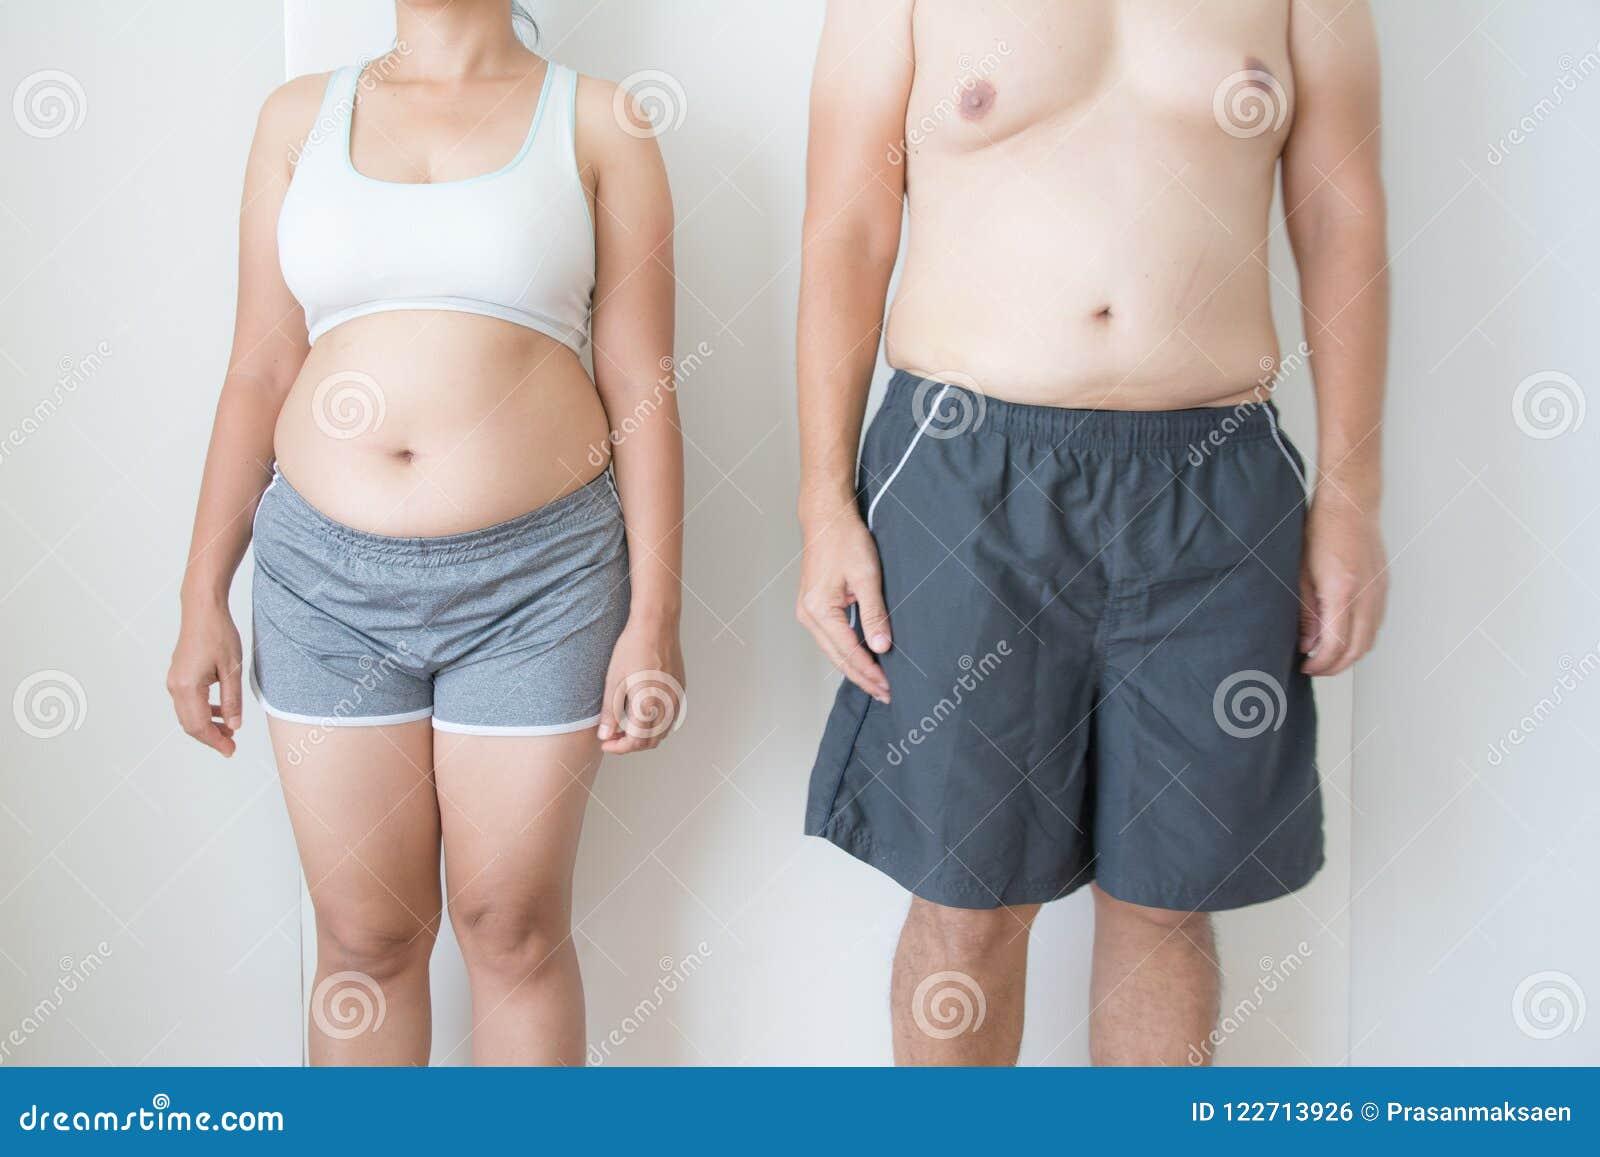 Super fat women xxx pics